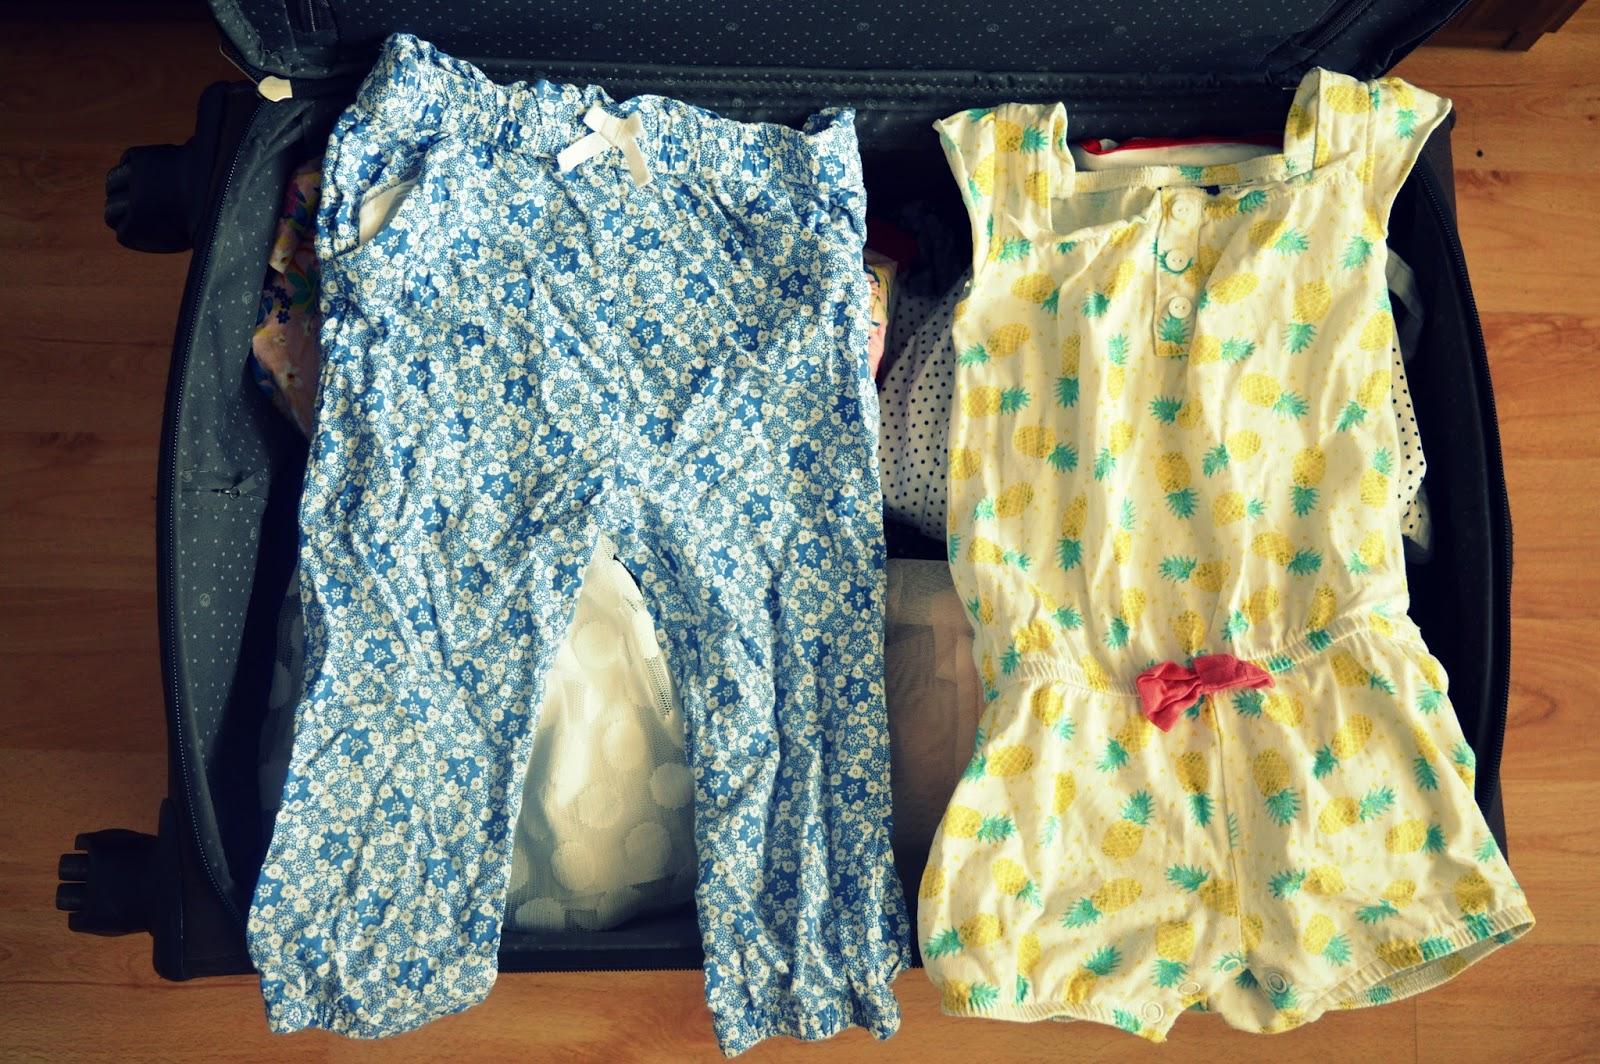 Neodolateľne na dievčatkách vyzerajú letné ľahučké nohavice. My máme doma  jedny romantické kvetinkové. Bábätkám sa zas osvedčia opaľovačky v letných  vzoroch ... 7d3d079ab9f